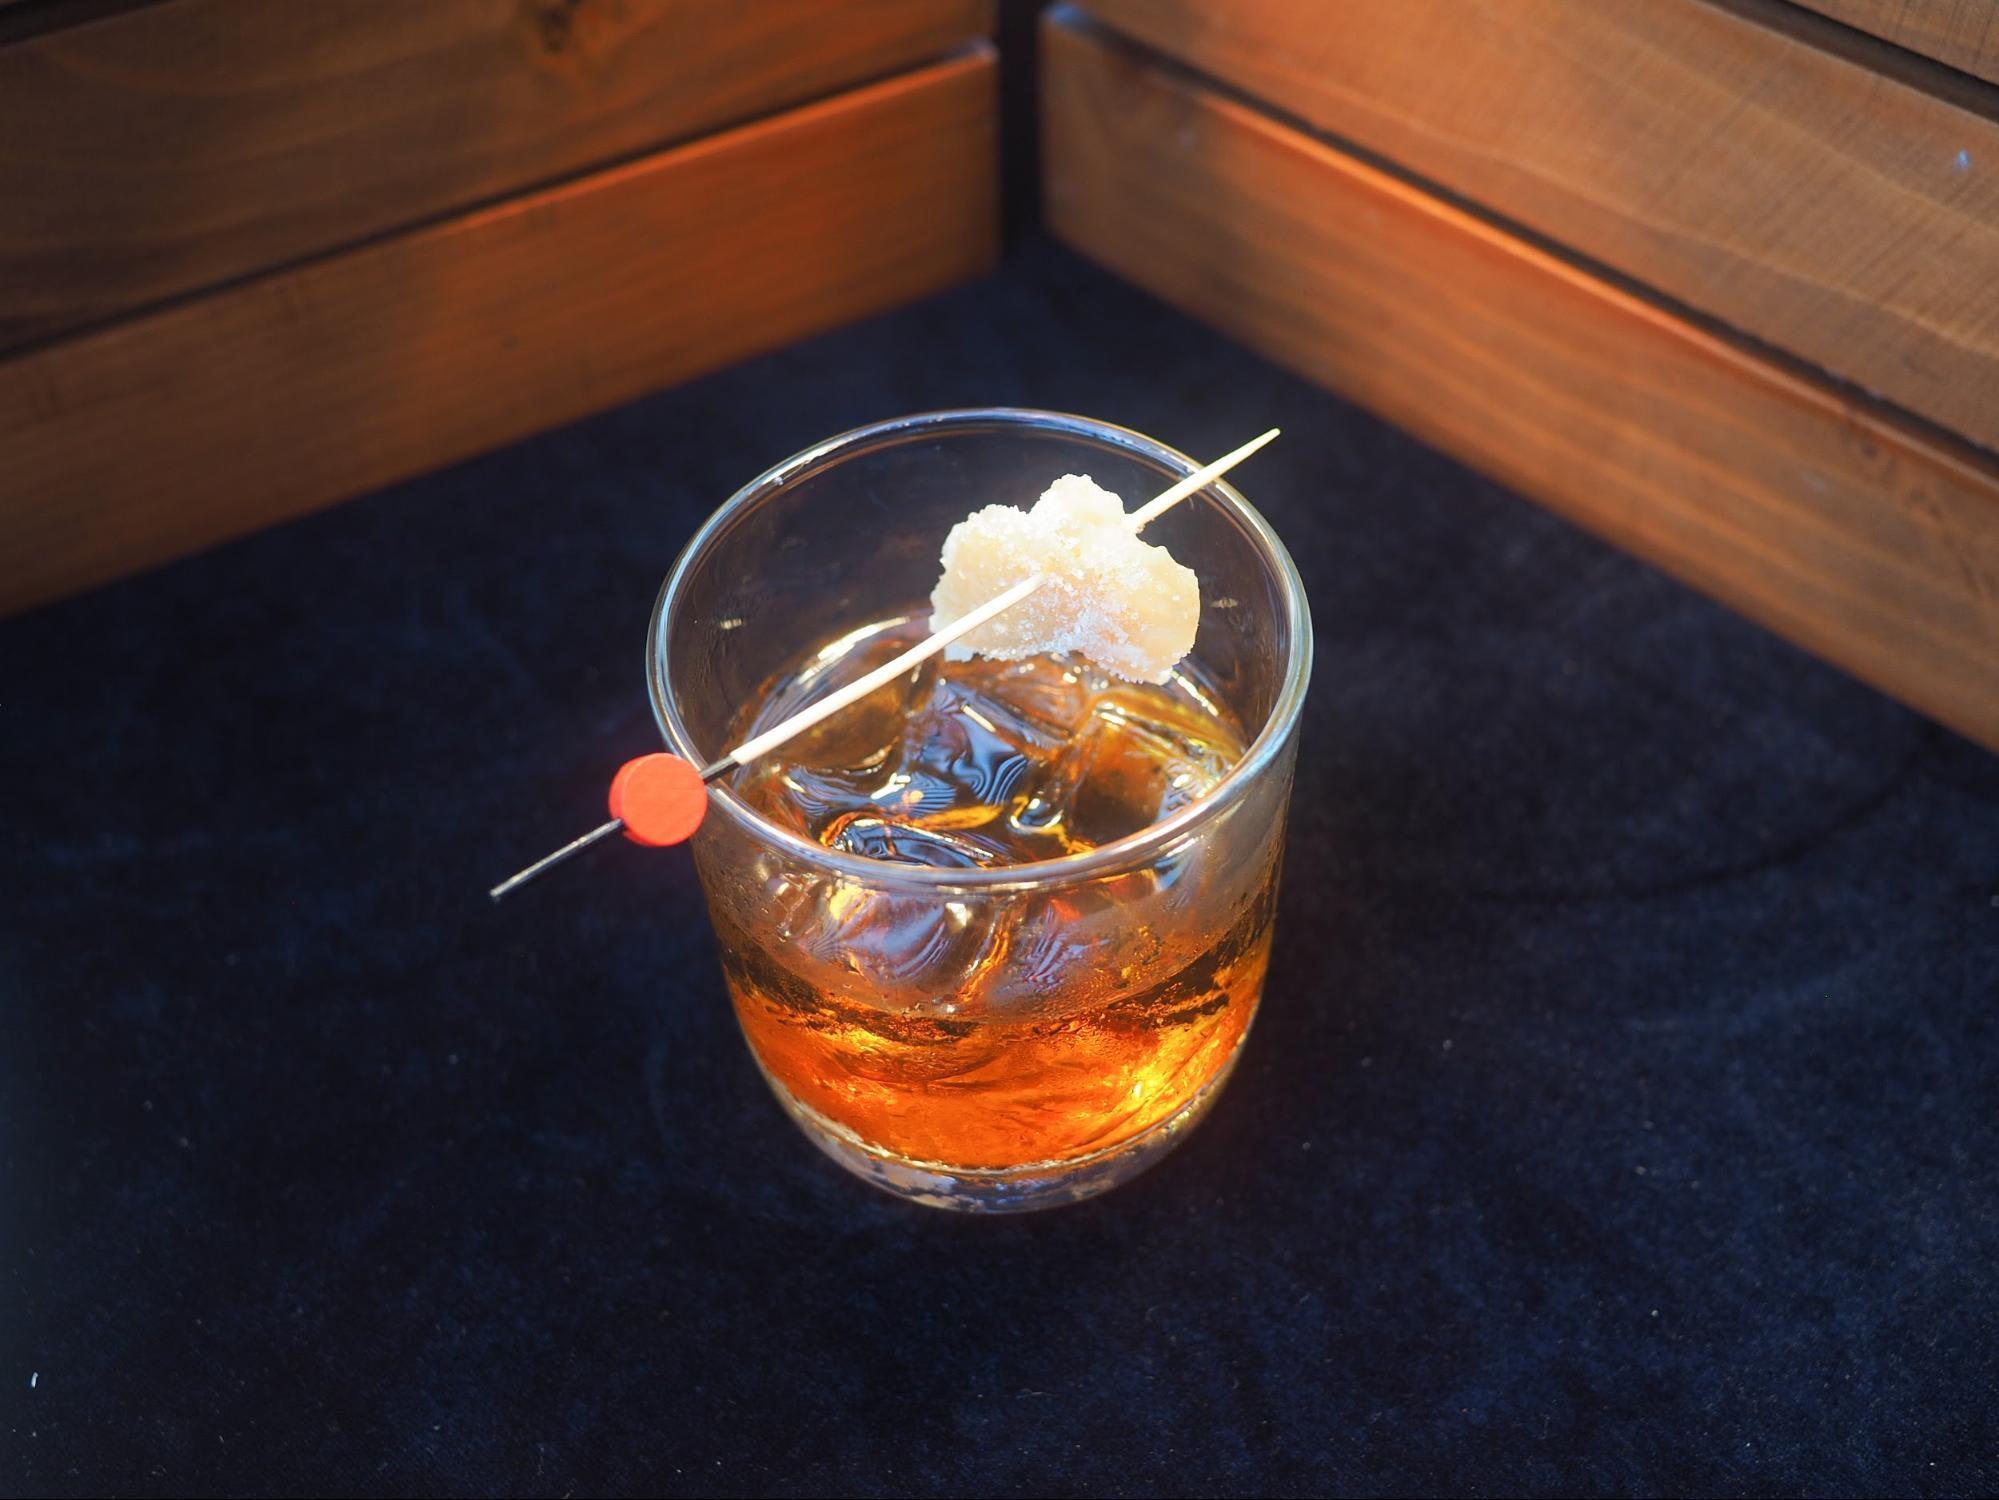 cocktail tại propeller bar: ah gong's temper